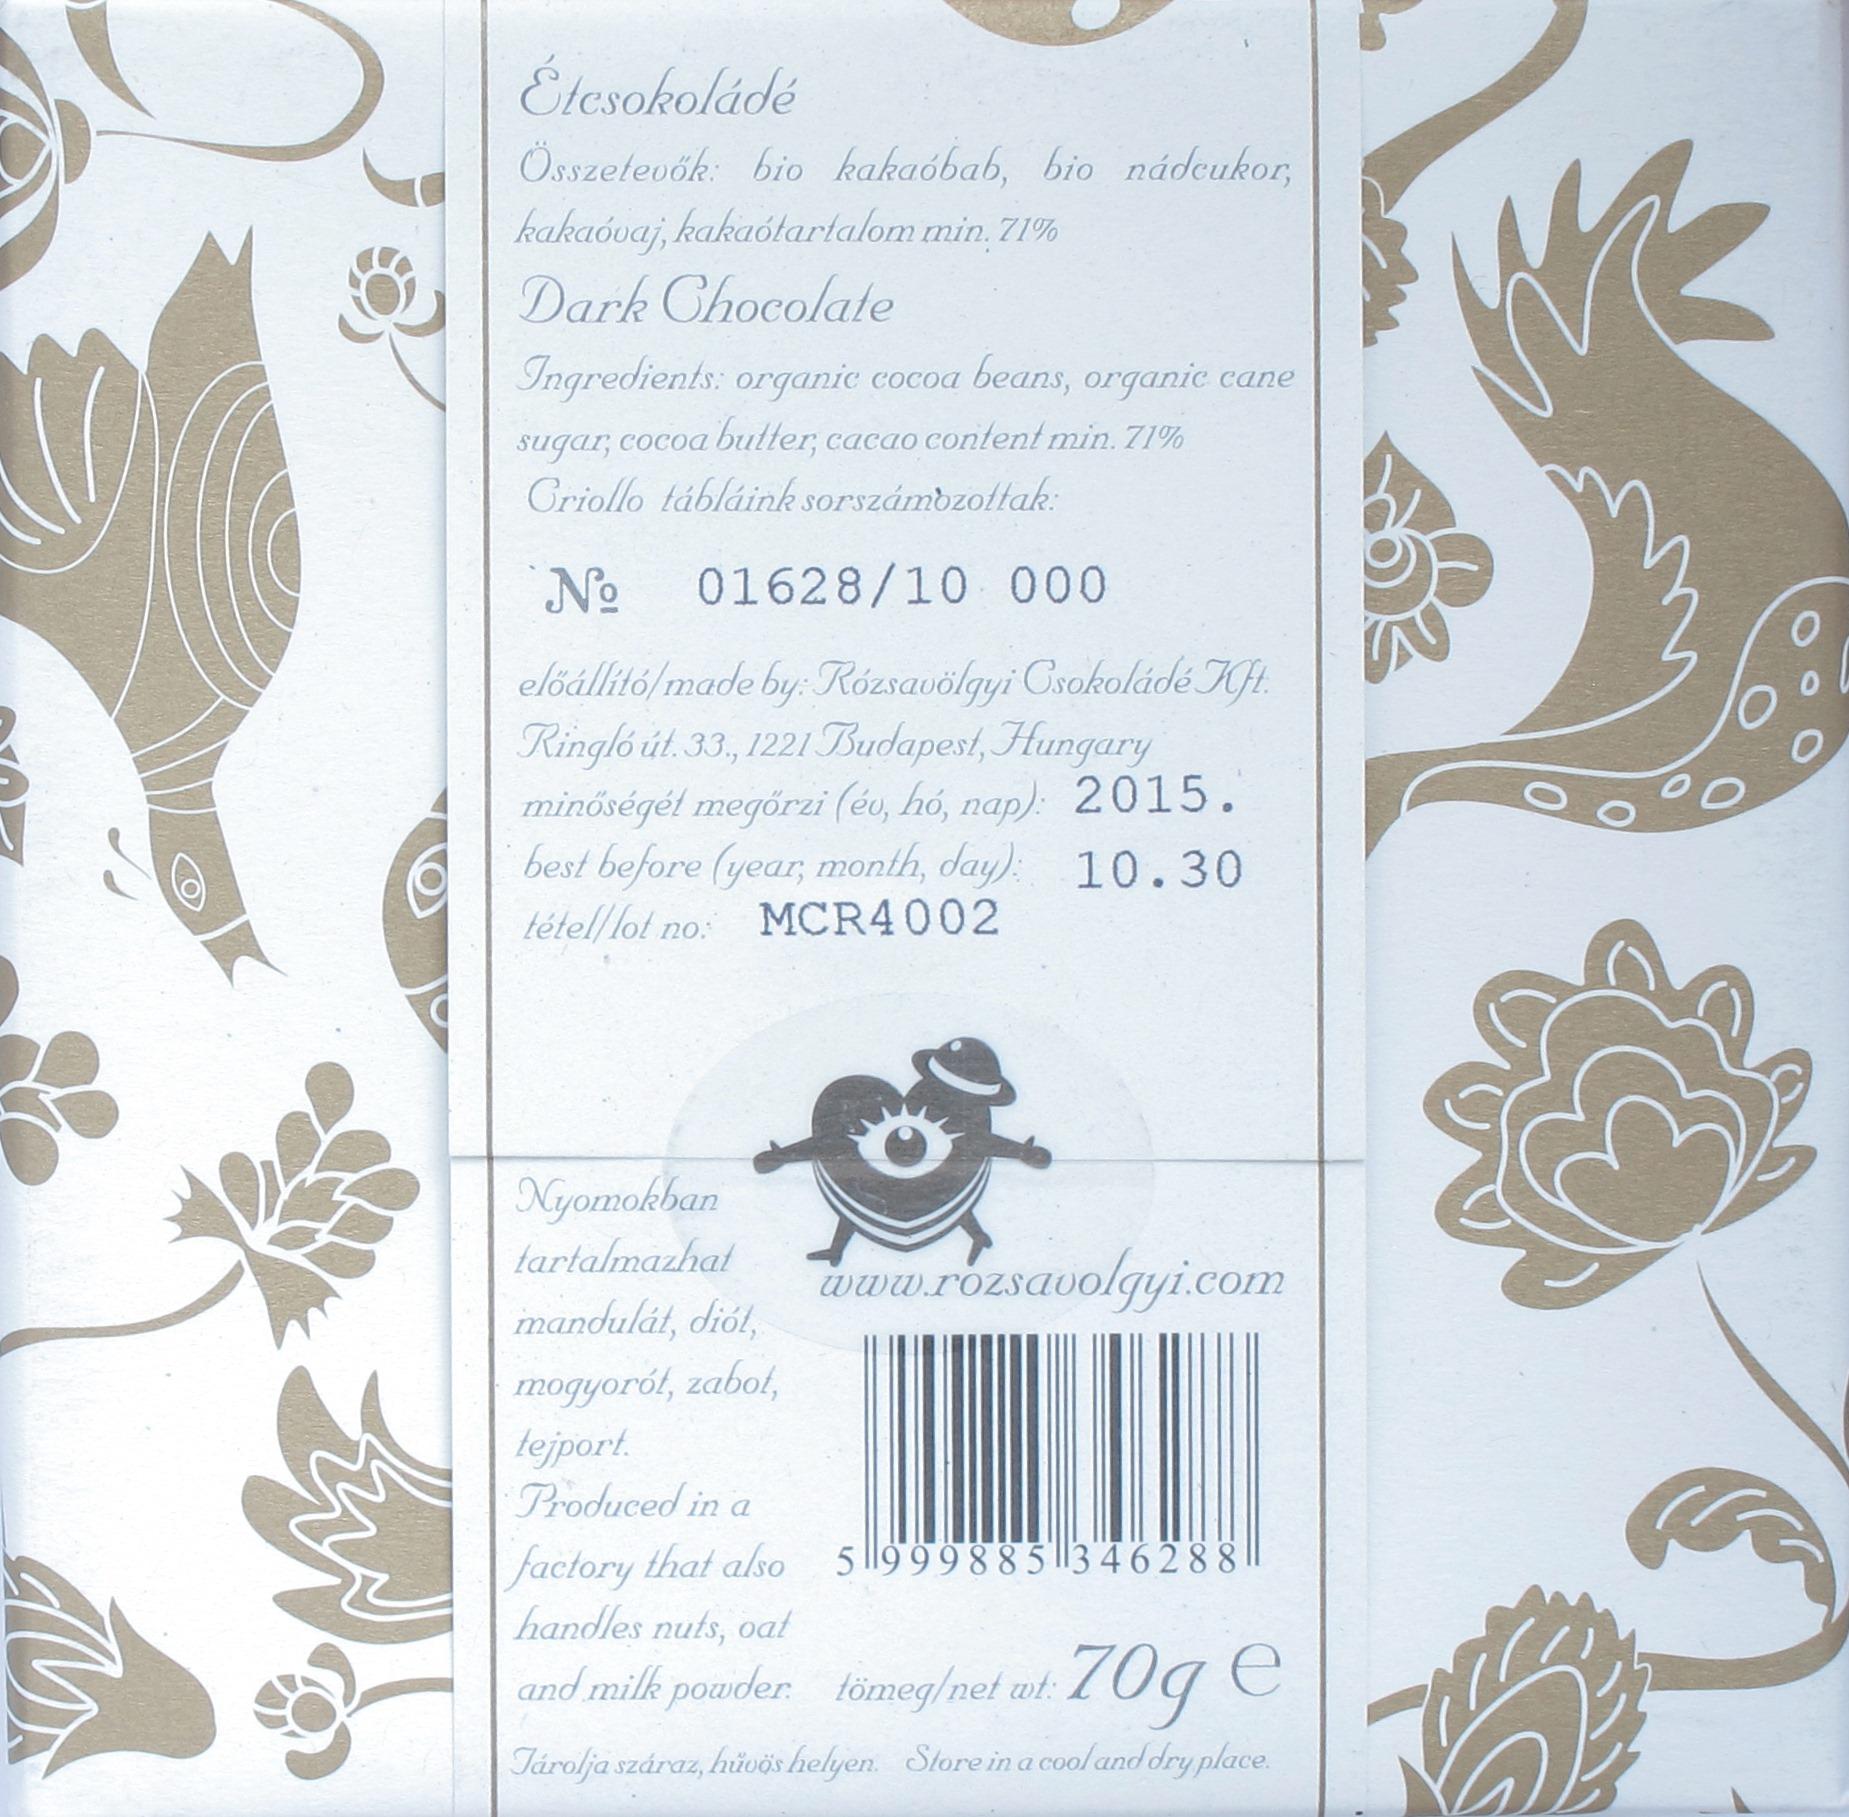 Rückseite: Madagaskar-Schokolade von Rozsavolgyi Csokolade